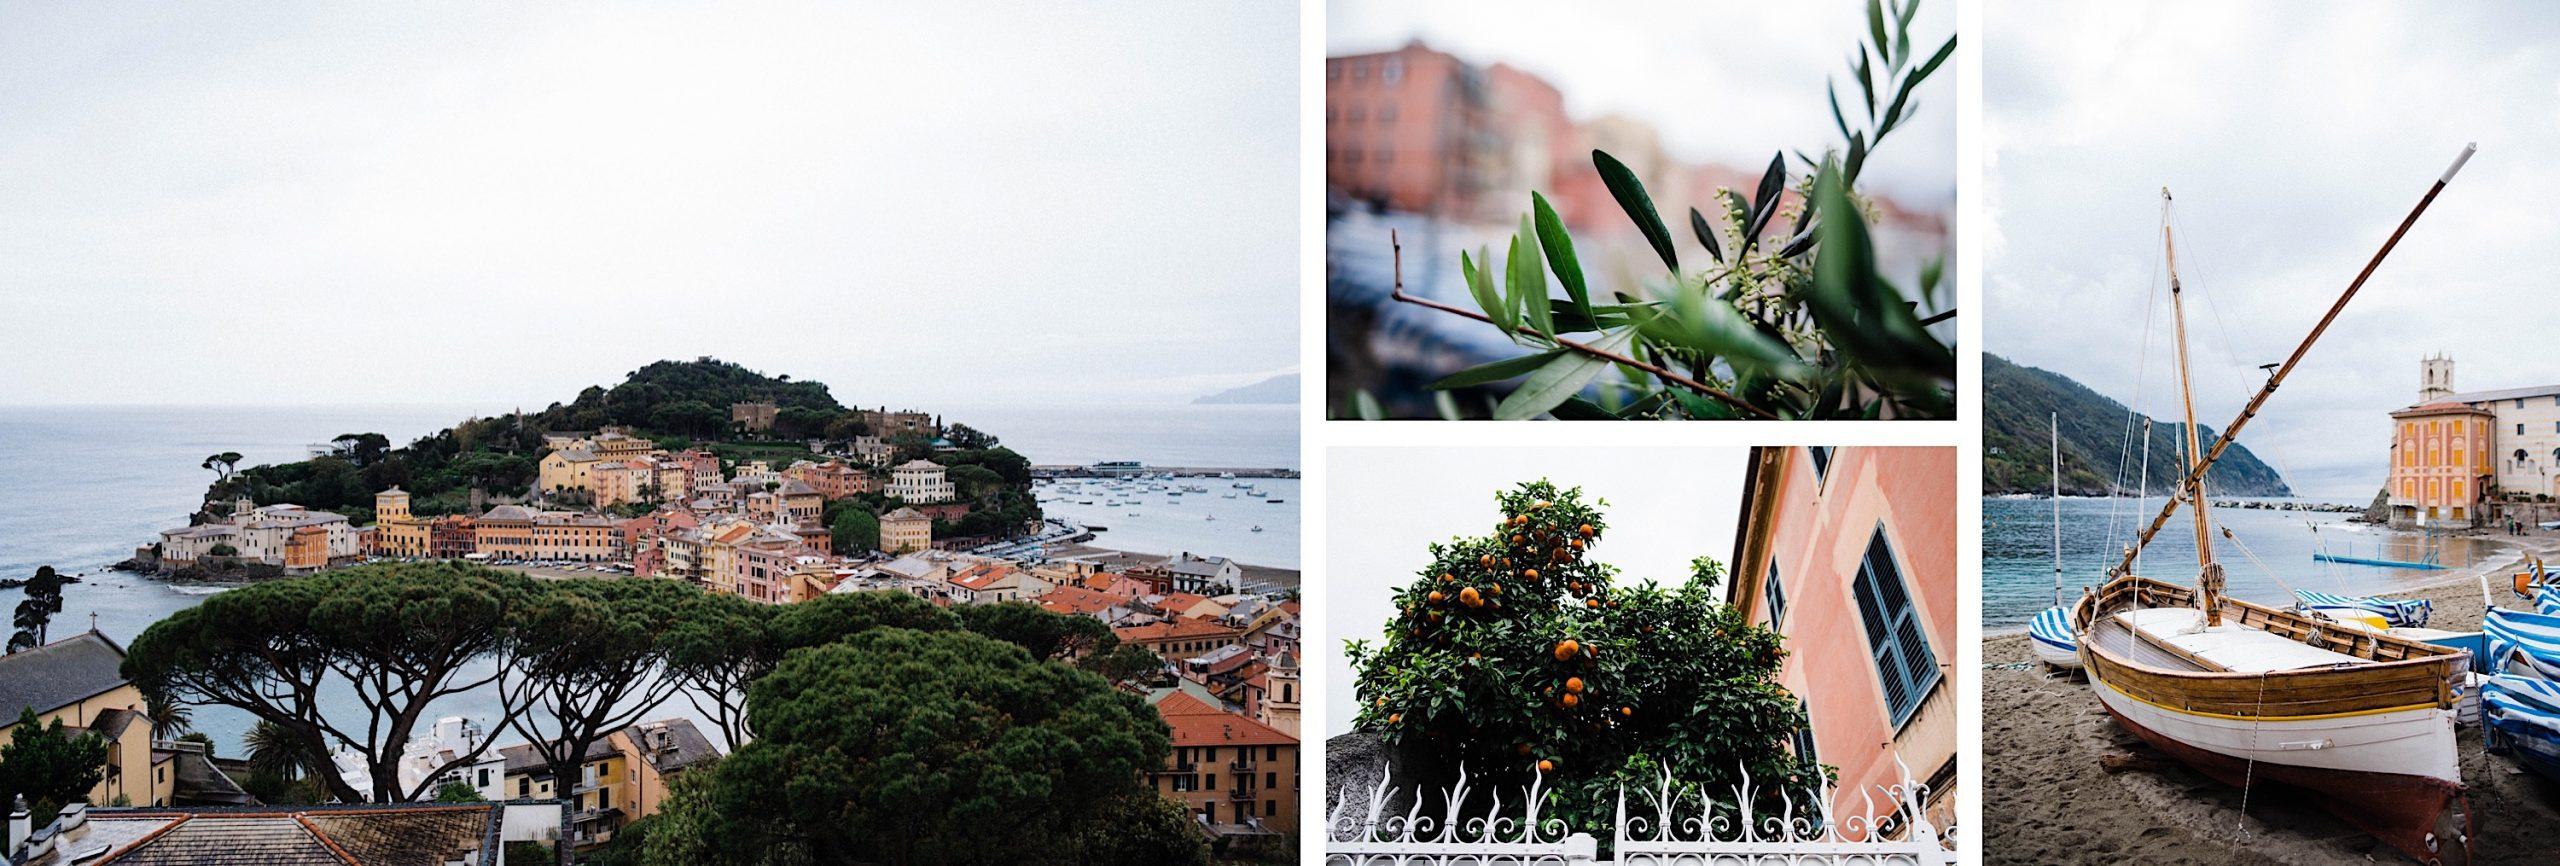 A four-photo collage of scenes from Sestri Levante, including the Baia di Silenzio.